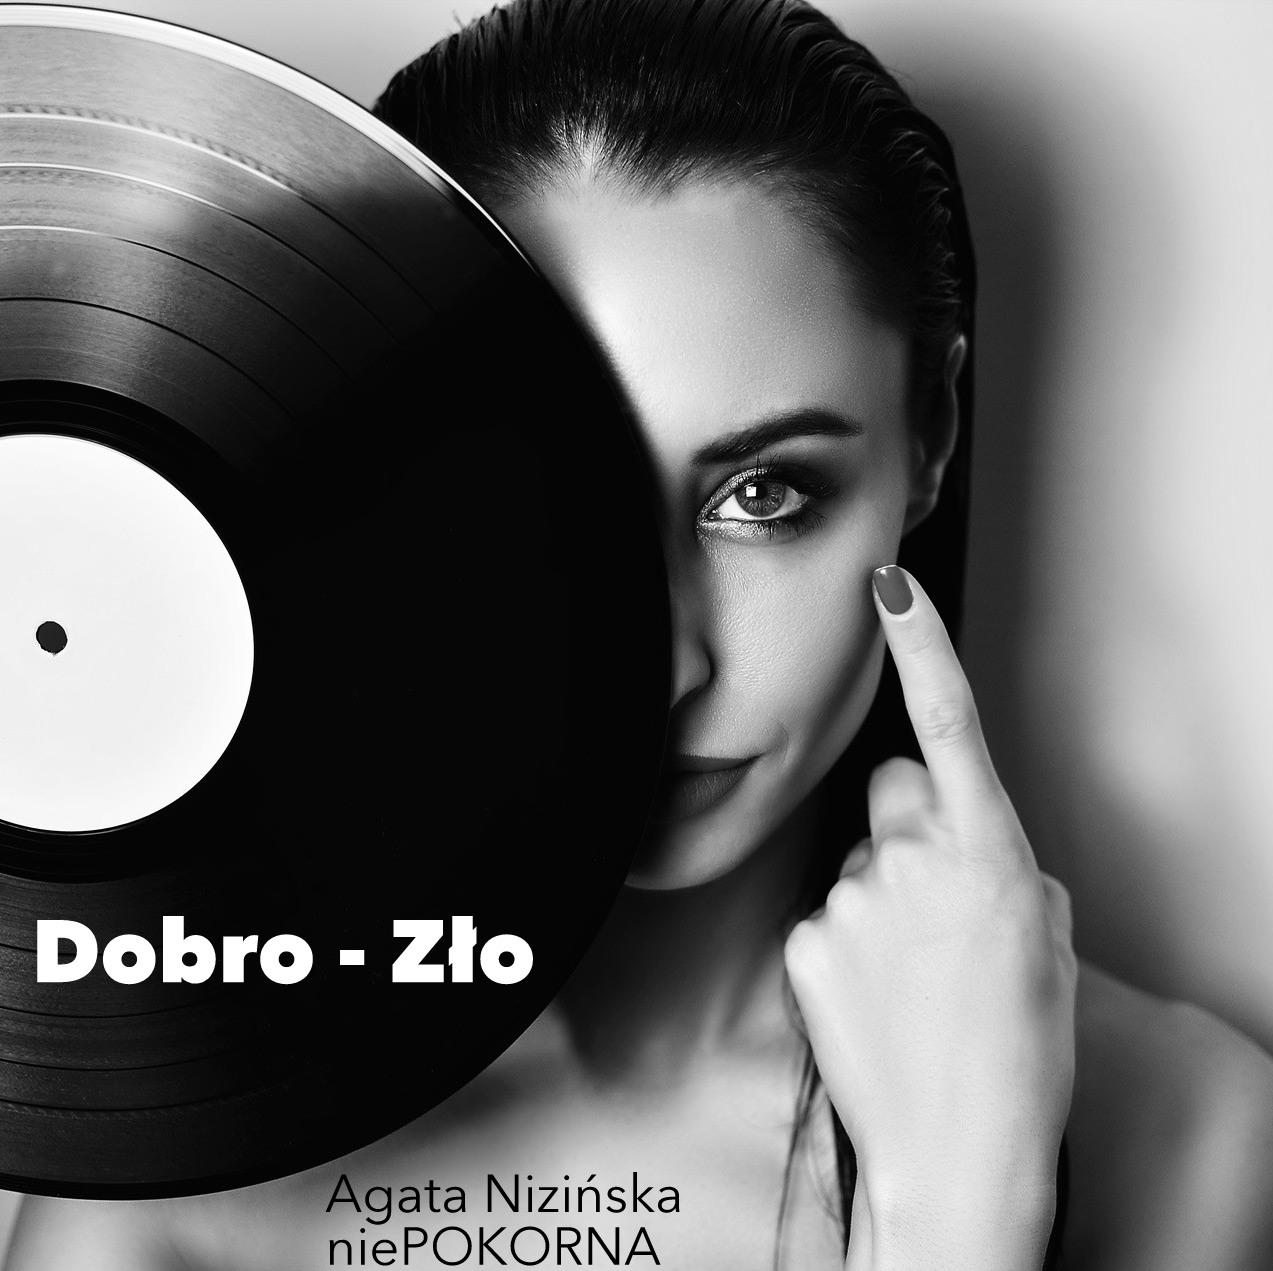 Agata Nizińska prezentuje utwór Dobro, Zło